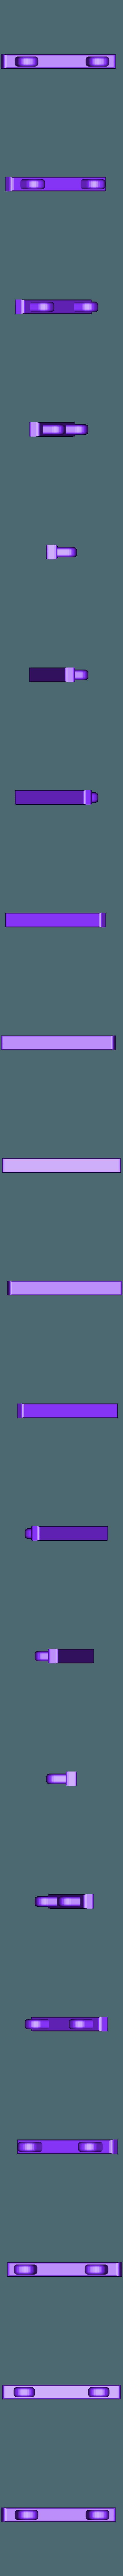 trawler_halter.stl Télécharger fichier STL gratuit FIN le petit Trawler (banc visuel) • Modèle imprimable en 3D, vandragon_de